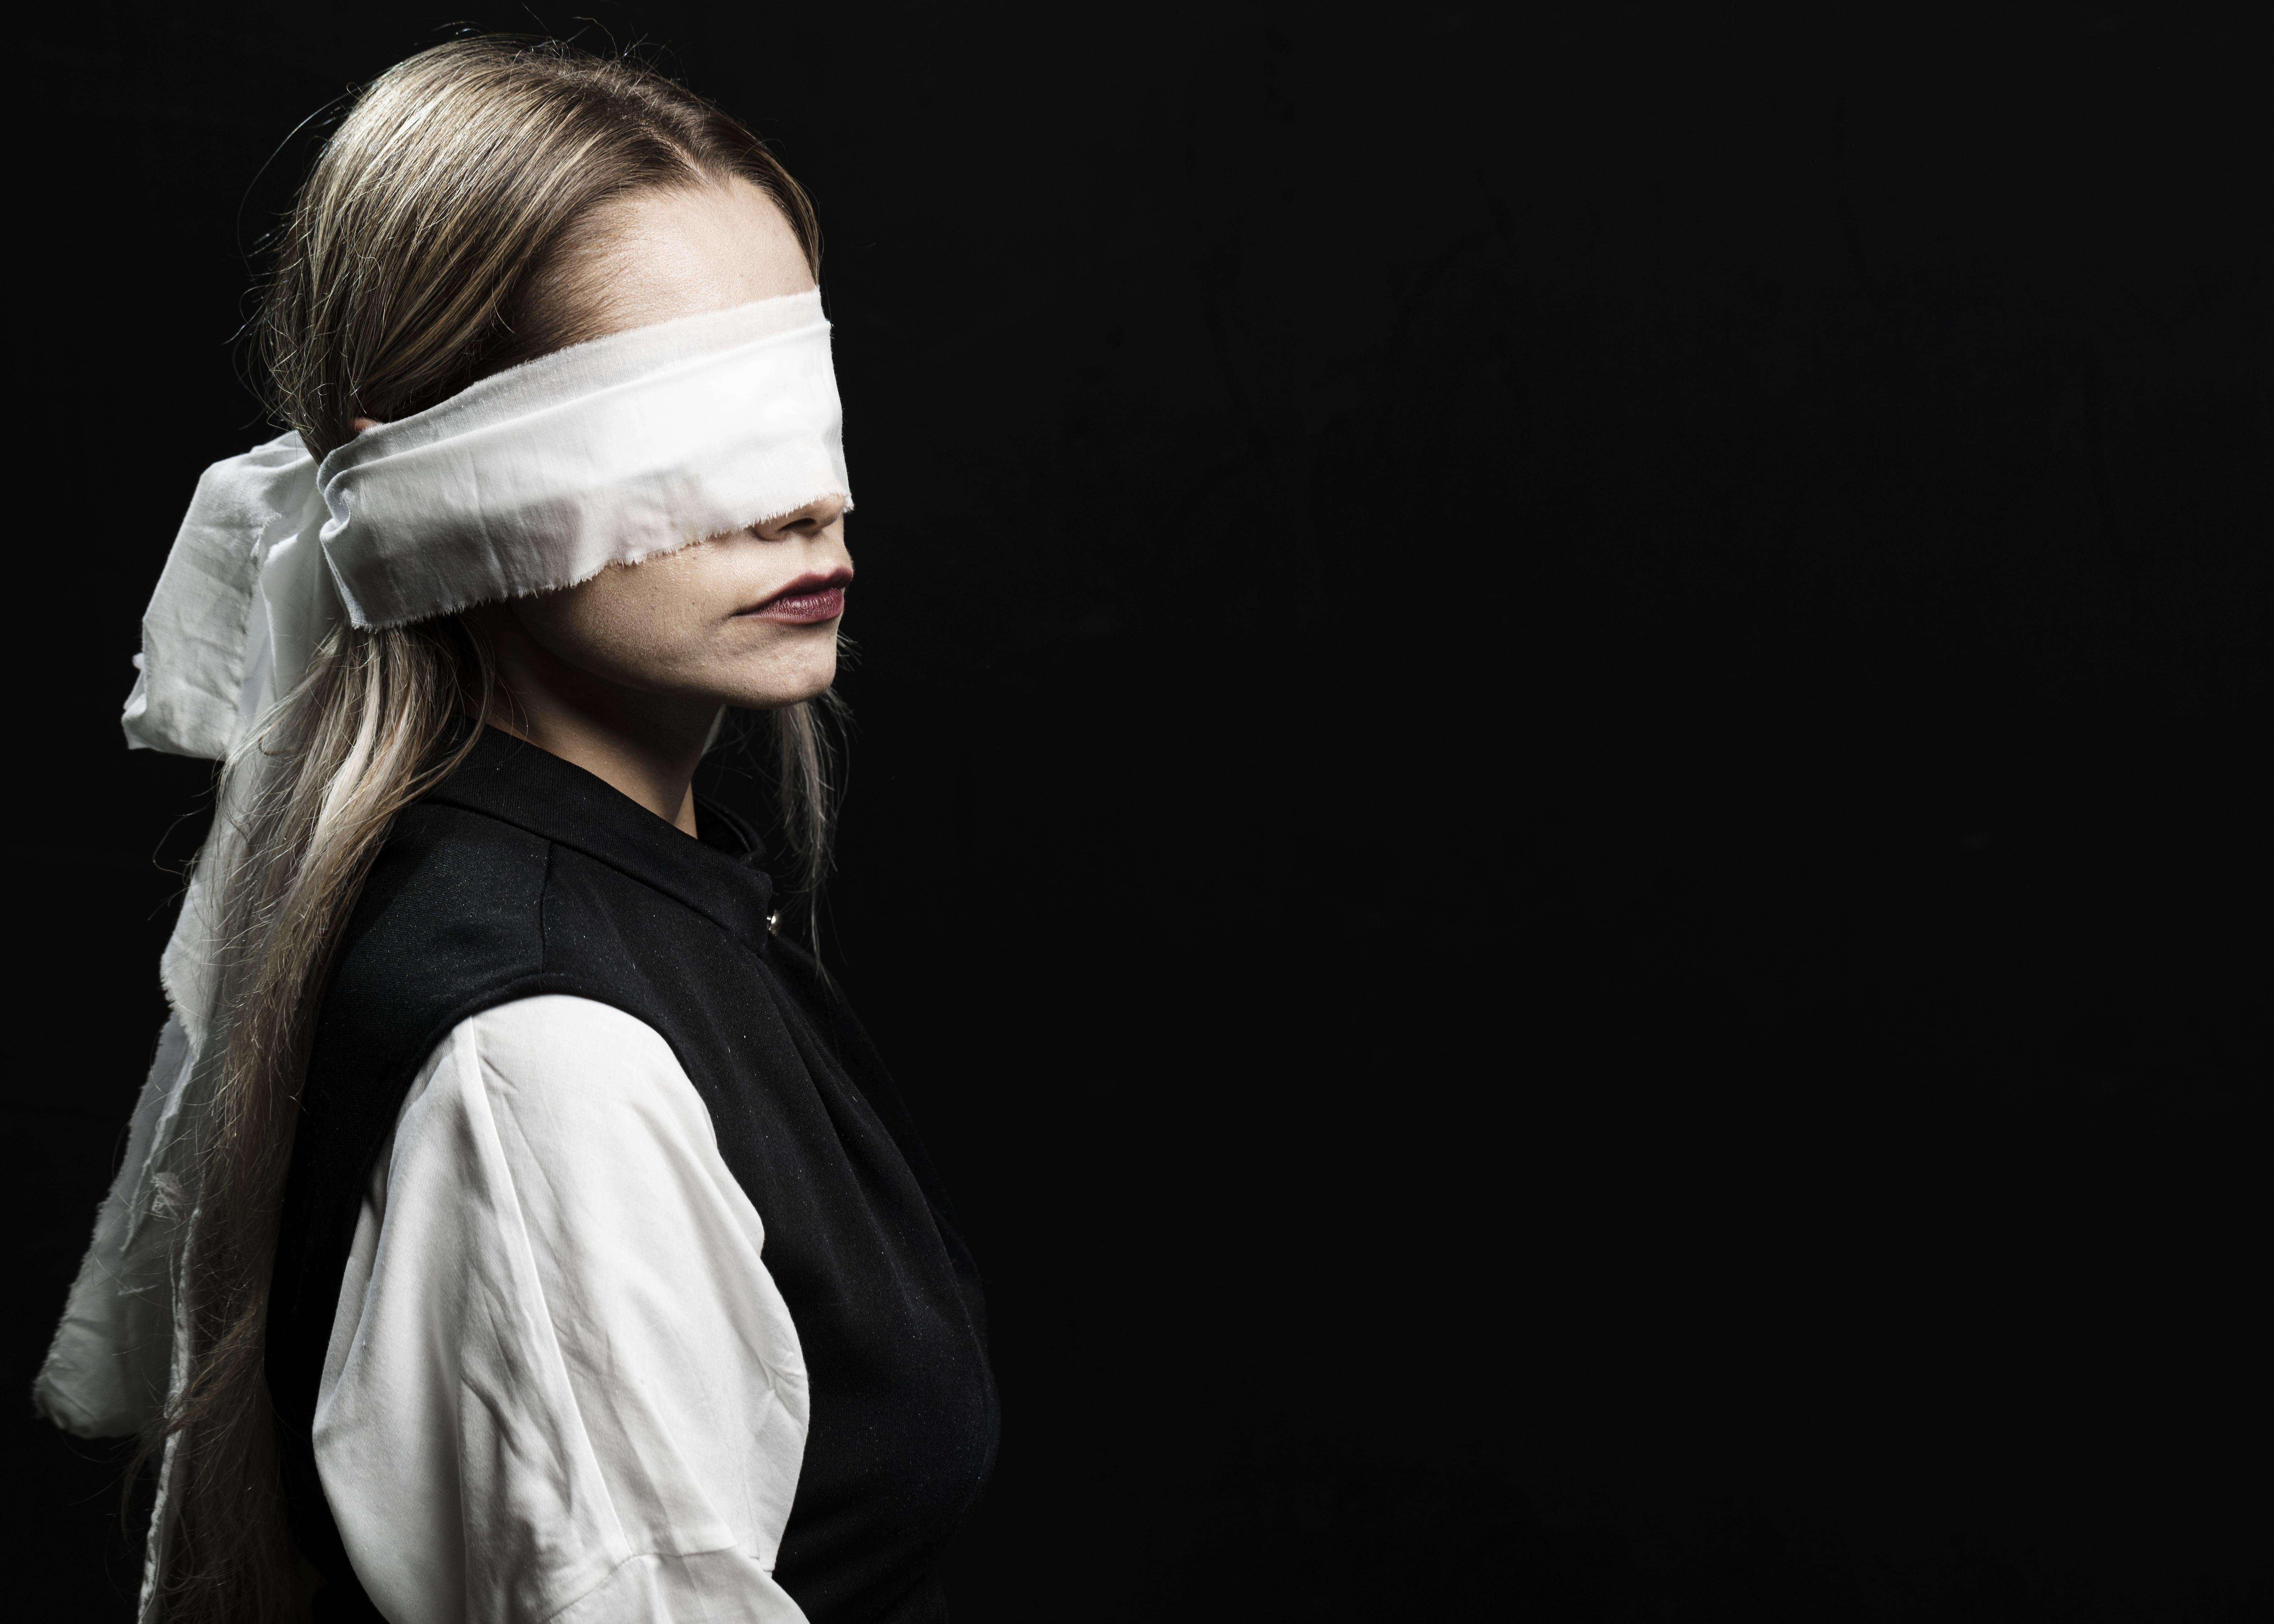 Perempuan memakai kain penutup mata, dari freepik